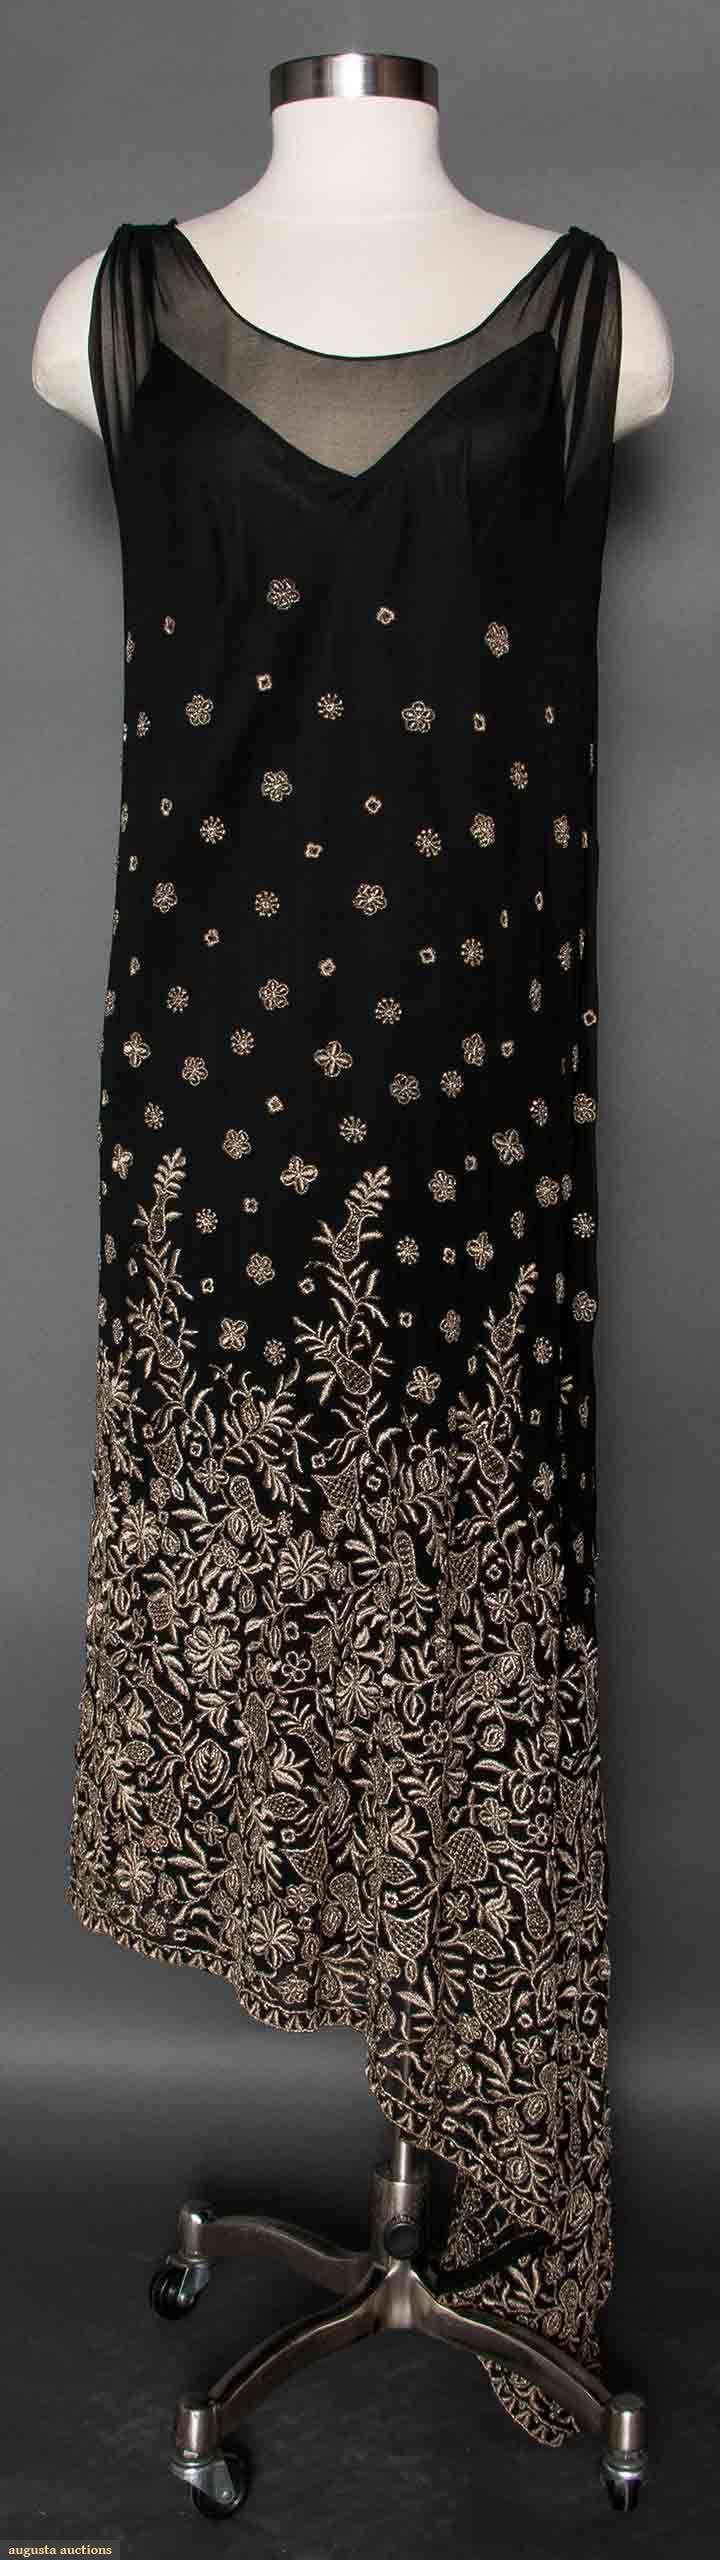 Plata bordado del vestido de noche, 1920,